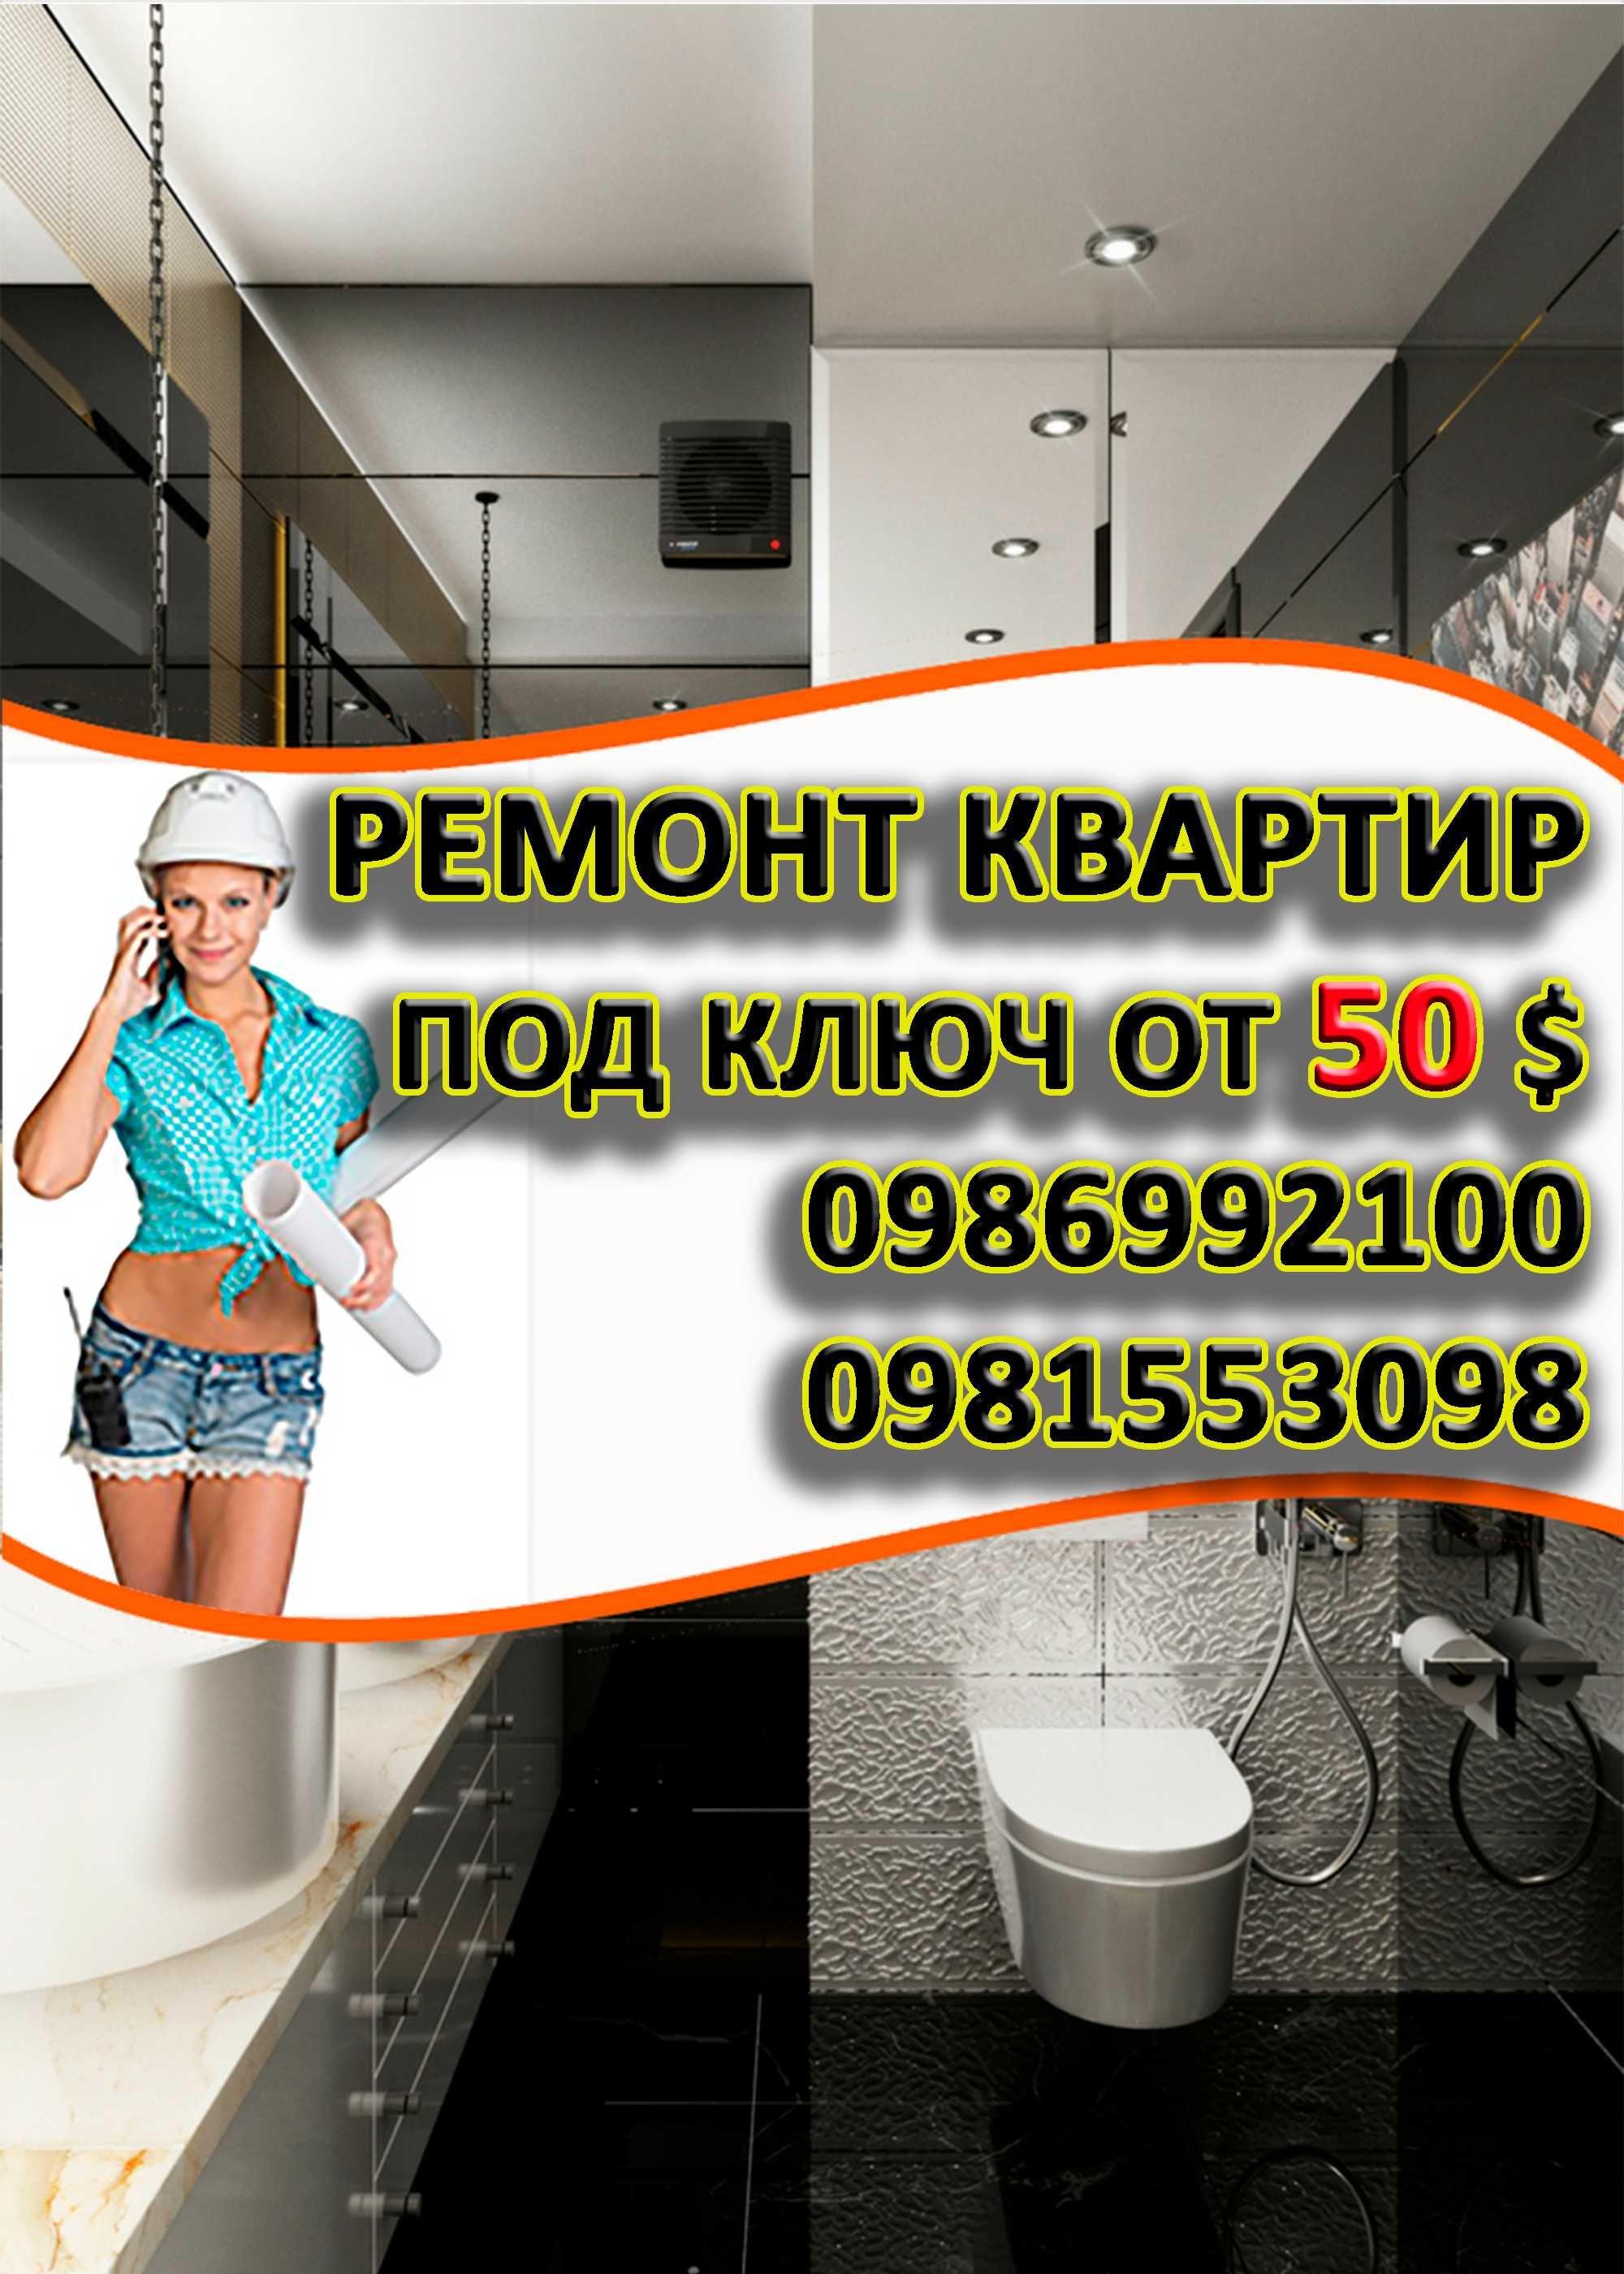 Ремонт квартир от 50$ под ключ, капитальный, евроремонт, косметический